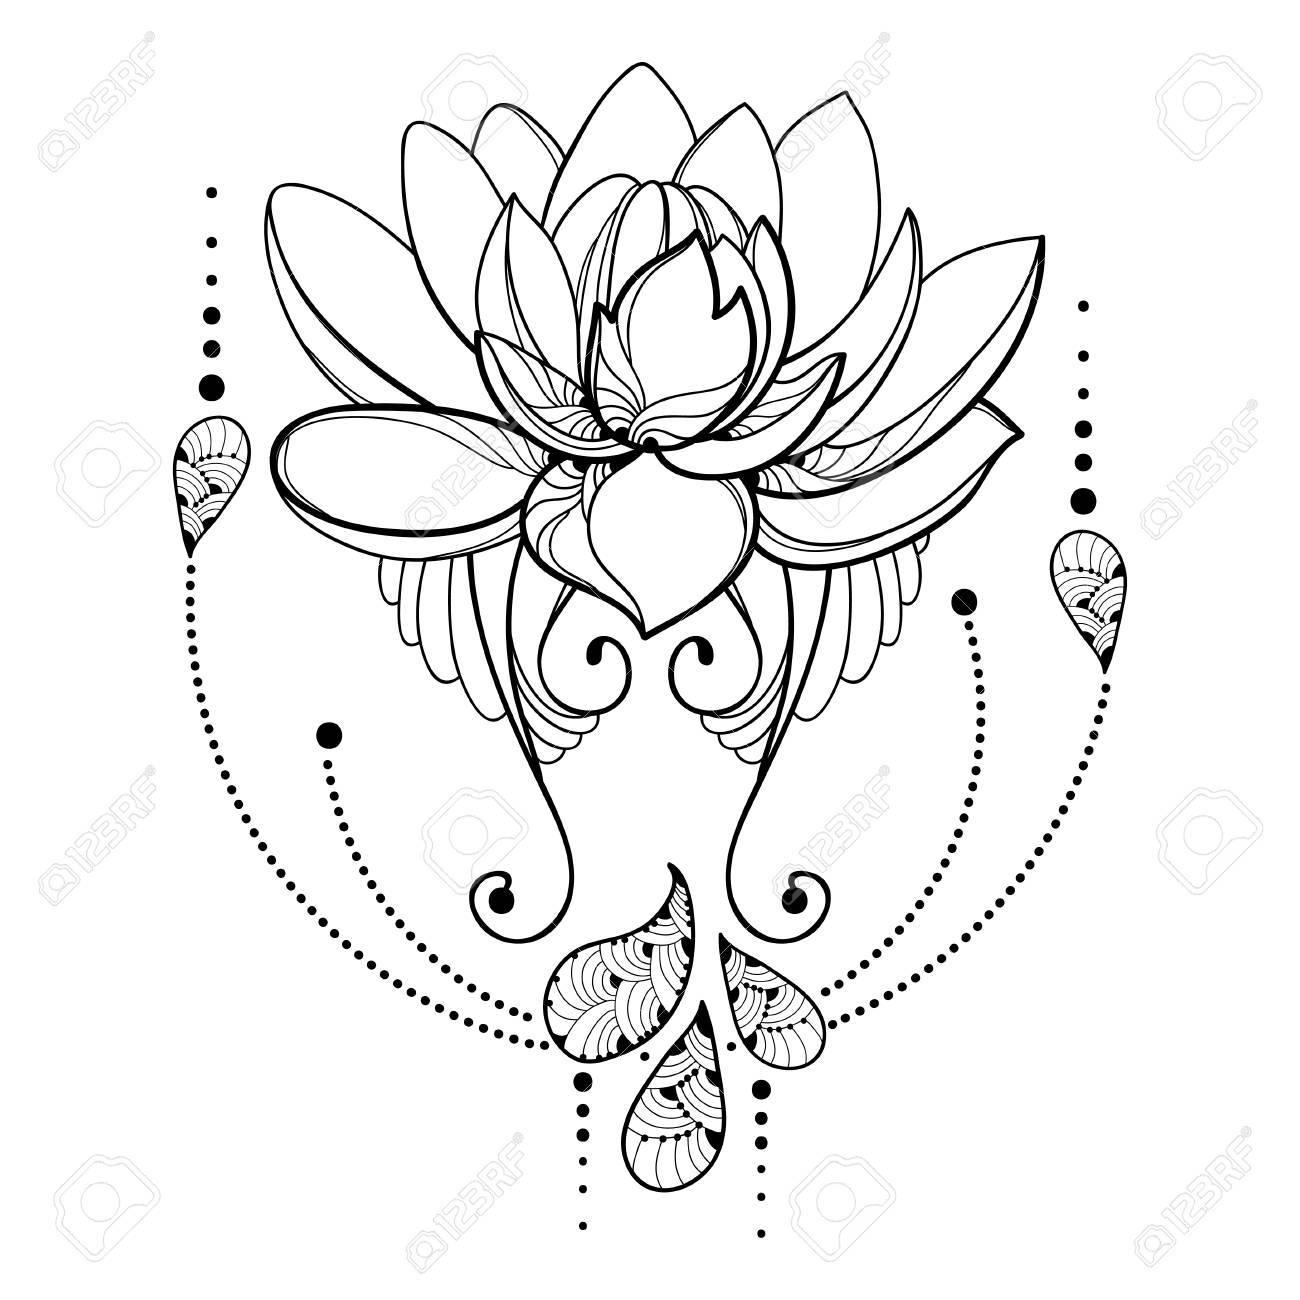 Dessin Avec Contour Fleur De Lotus Dentelle Décorative Et Tourbillons En Noir Isolé Sur Fond Blanc Composition Abstraite Florale Avec Lotus Orné